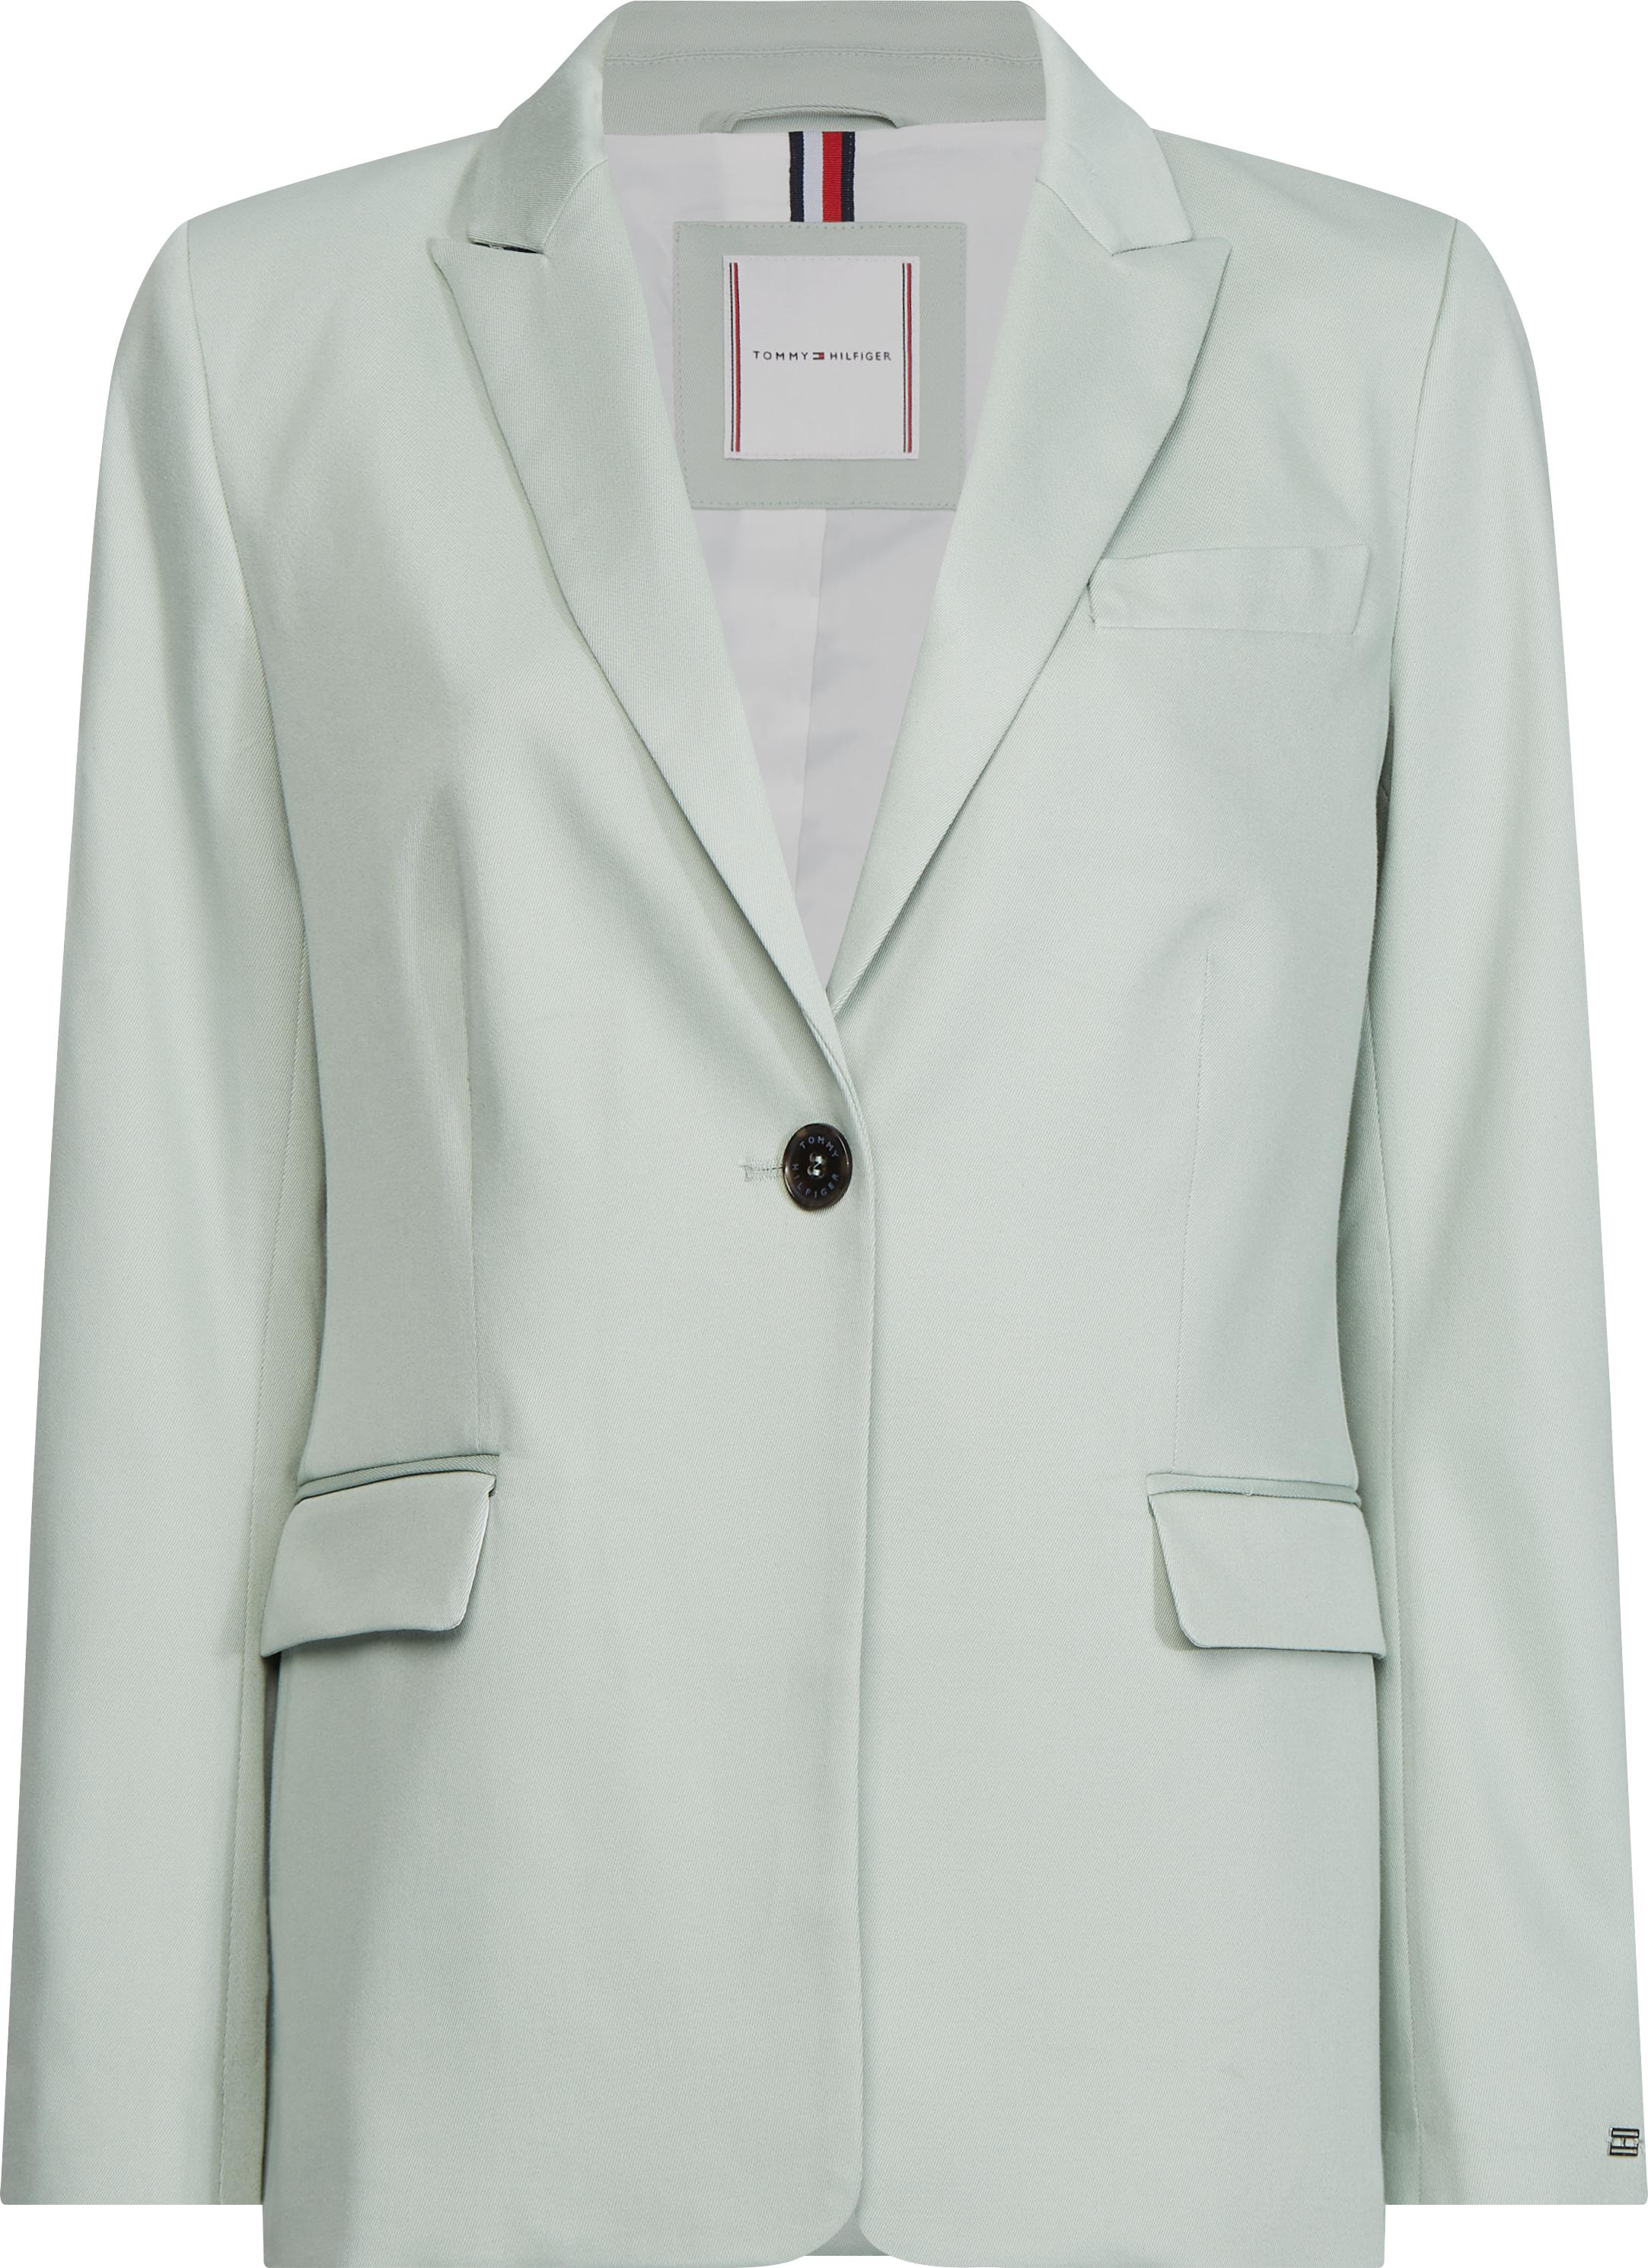 Блейзър 520 лв. Ментовият костюм е задължителен елемент в шопинг списъка ни този сезон, а този дизайн отговаря на всички изисквания.